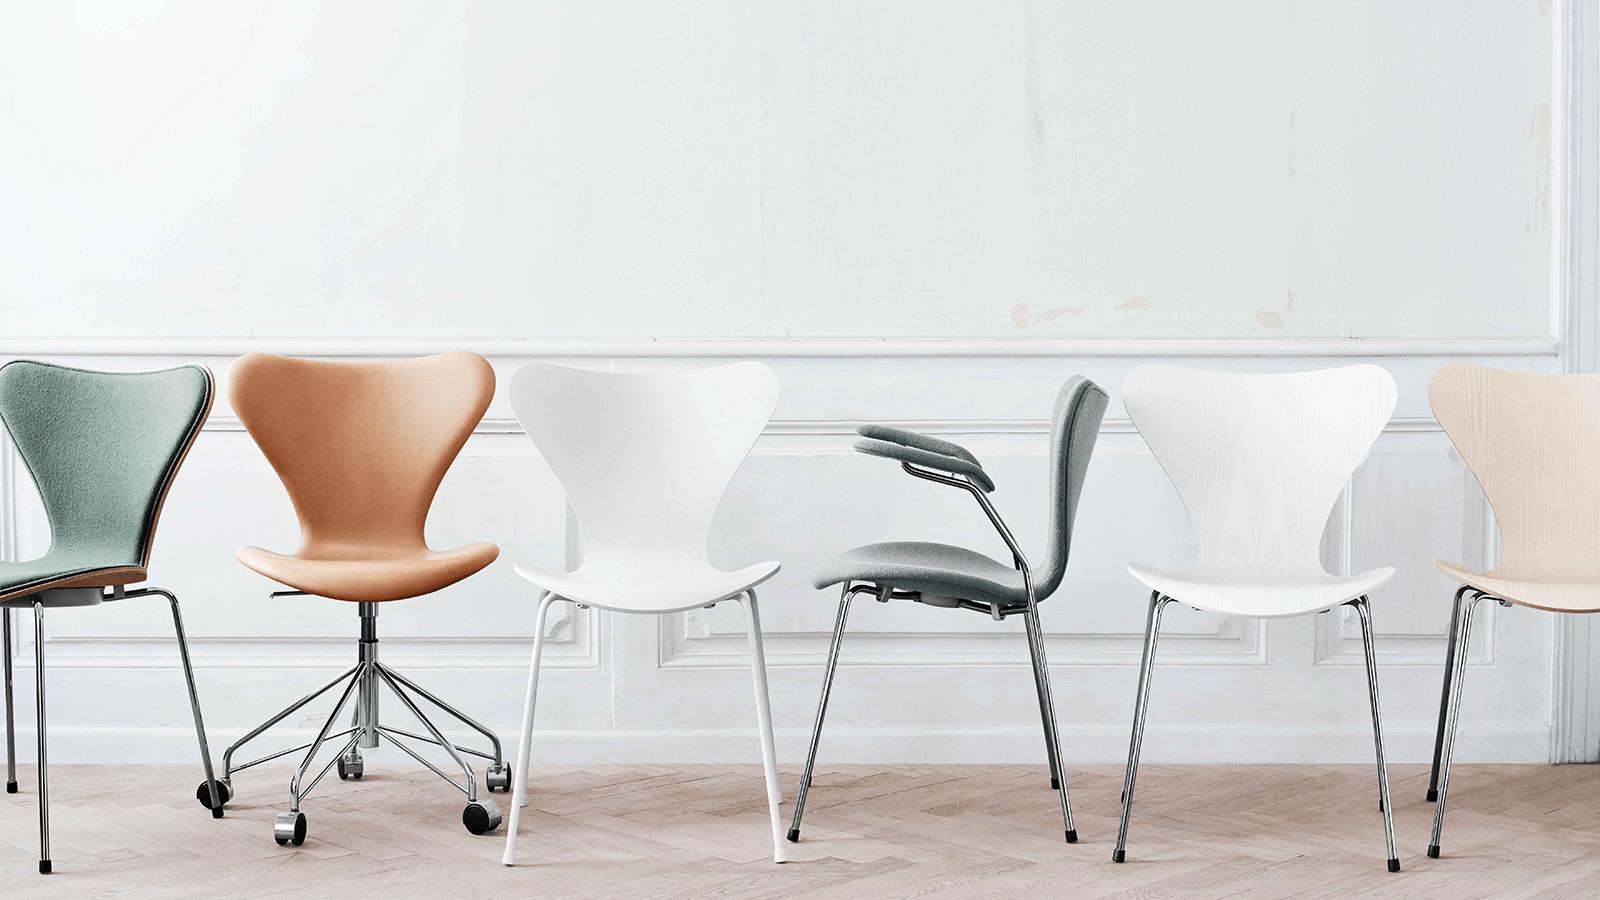 dansk møbelproducent fritz hansen